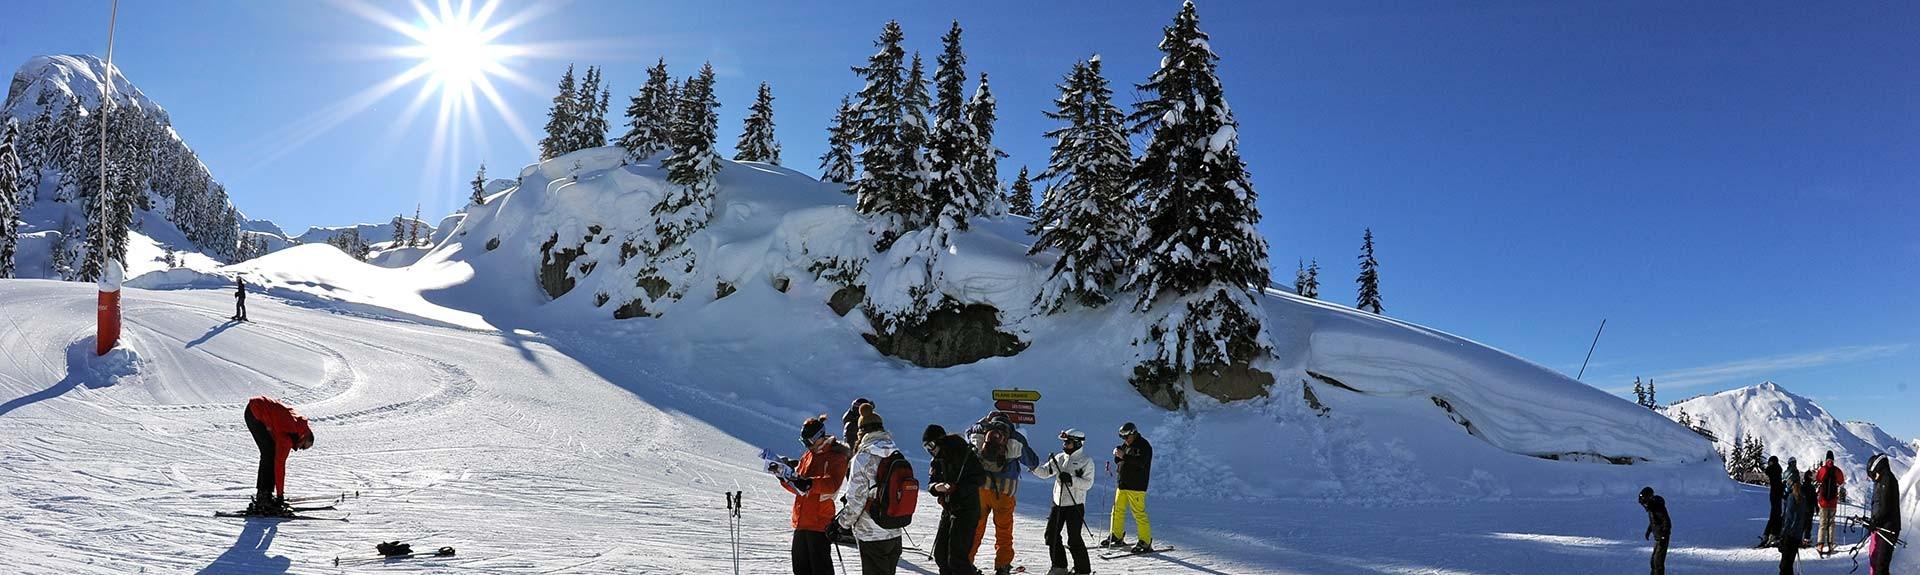 Season ski passes